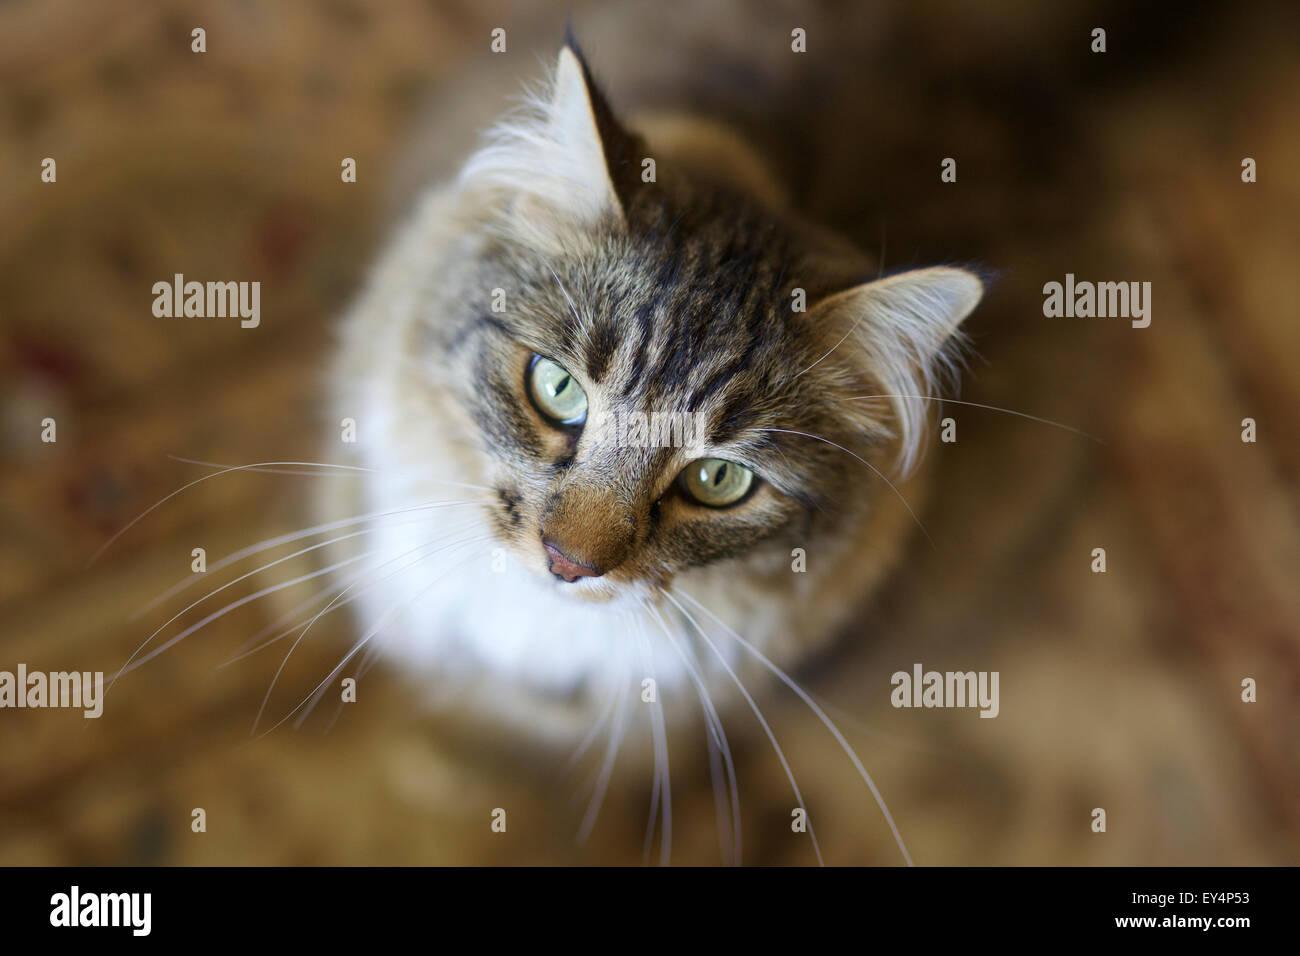 Cabello mediano gato doméstico mirando la cámara Imagen De Stock